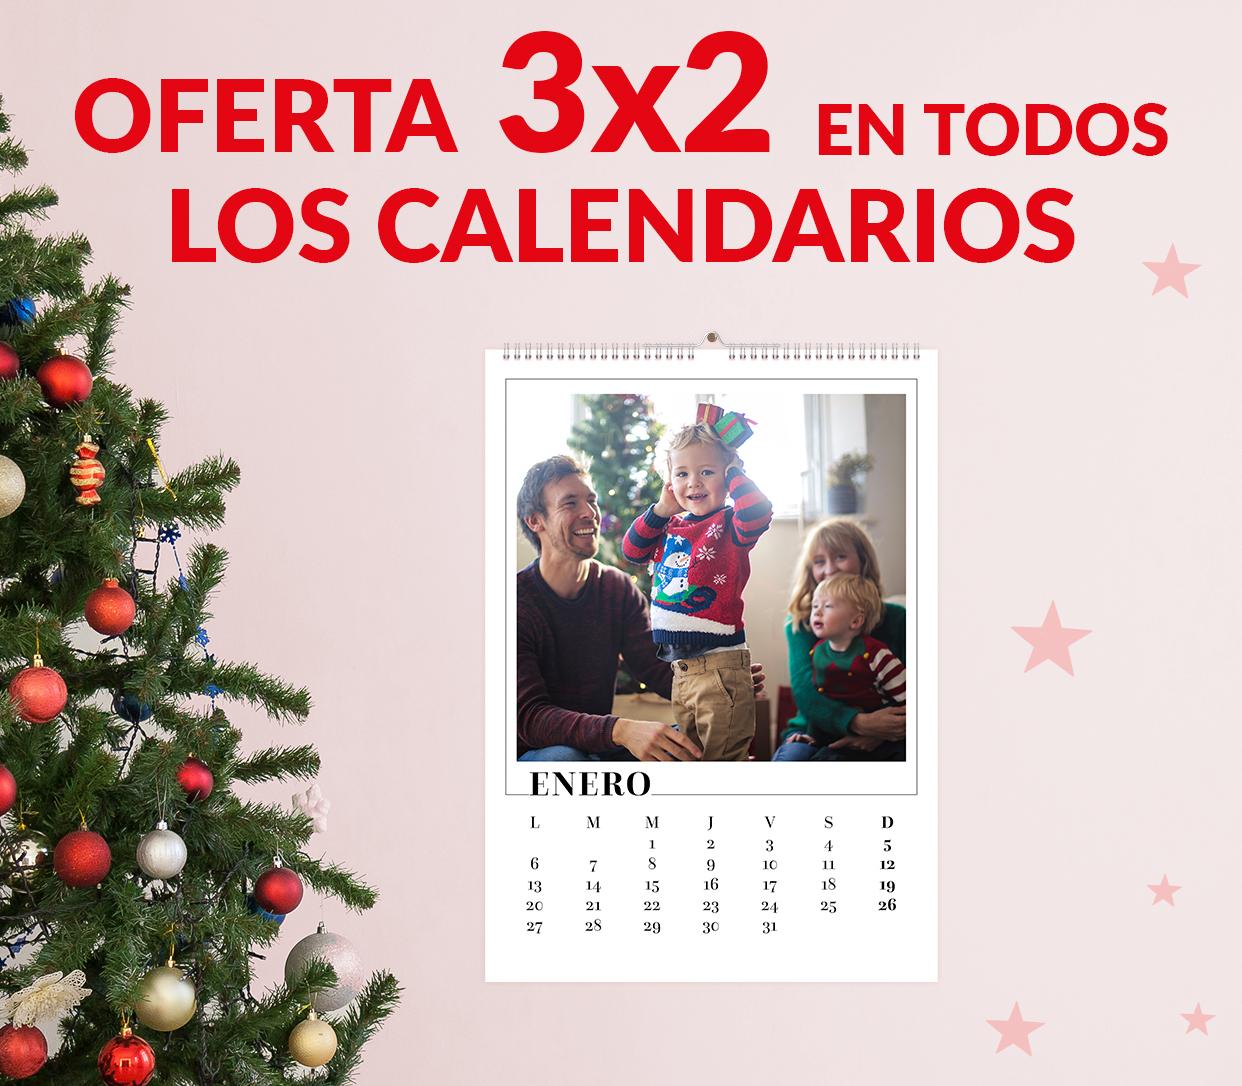 Oferta 3×2 en todos los calendarios. El menos caro te lo regalamos.